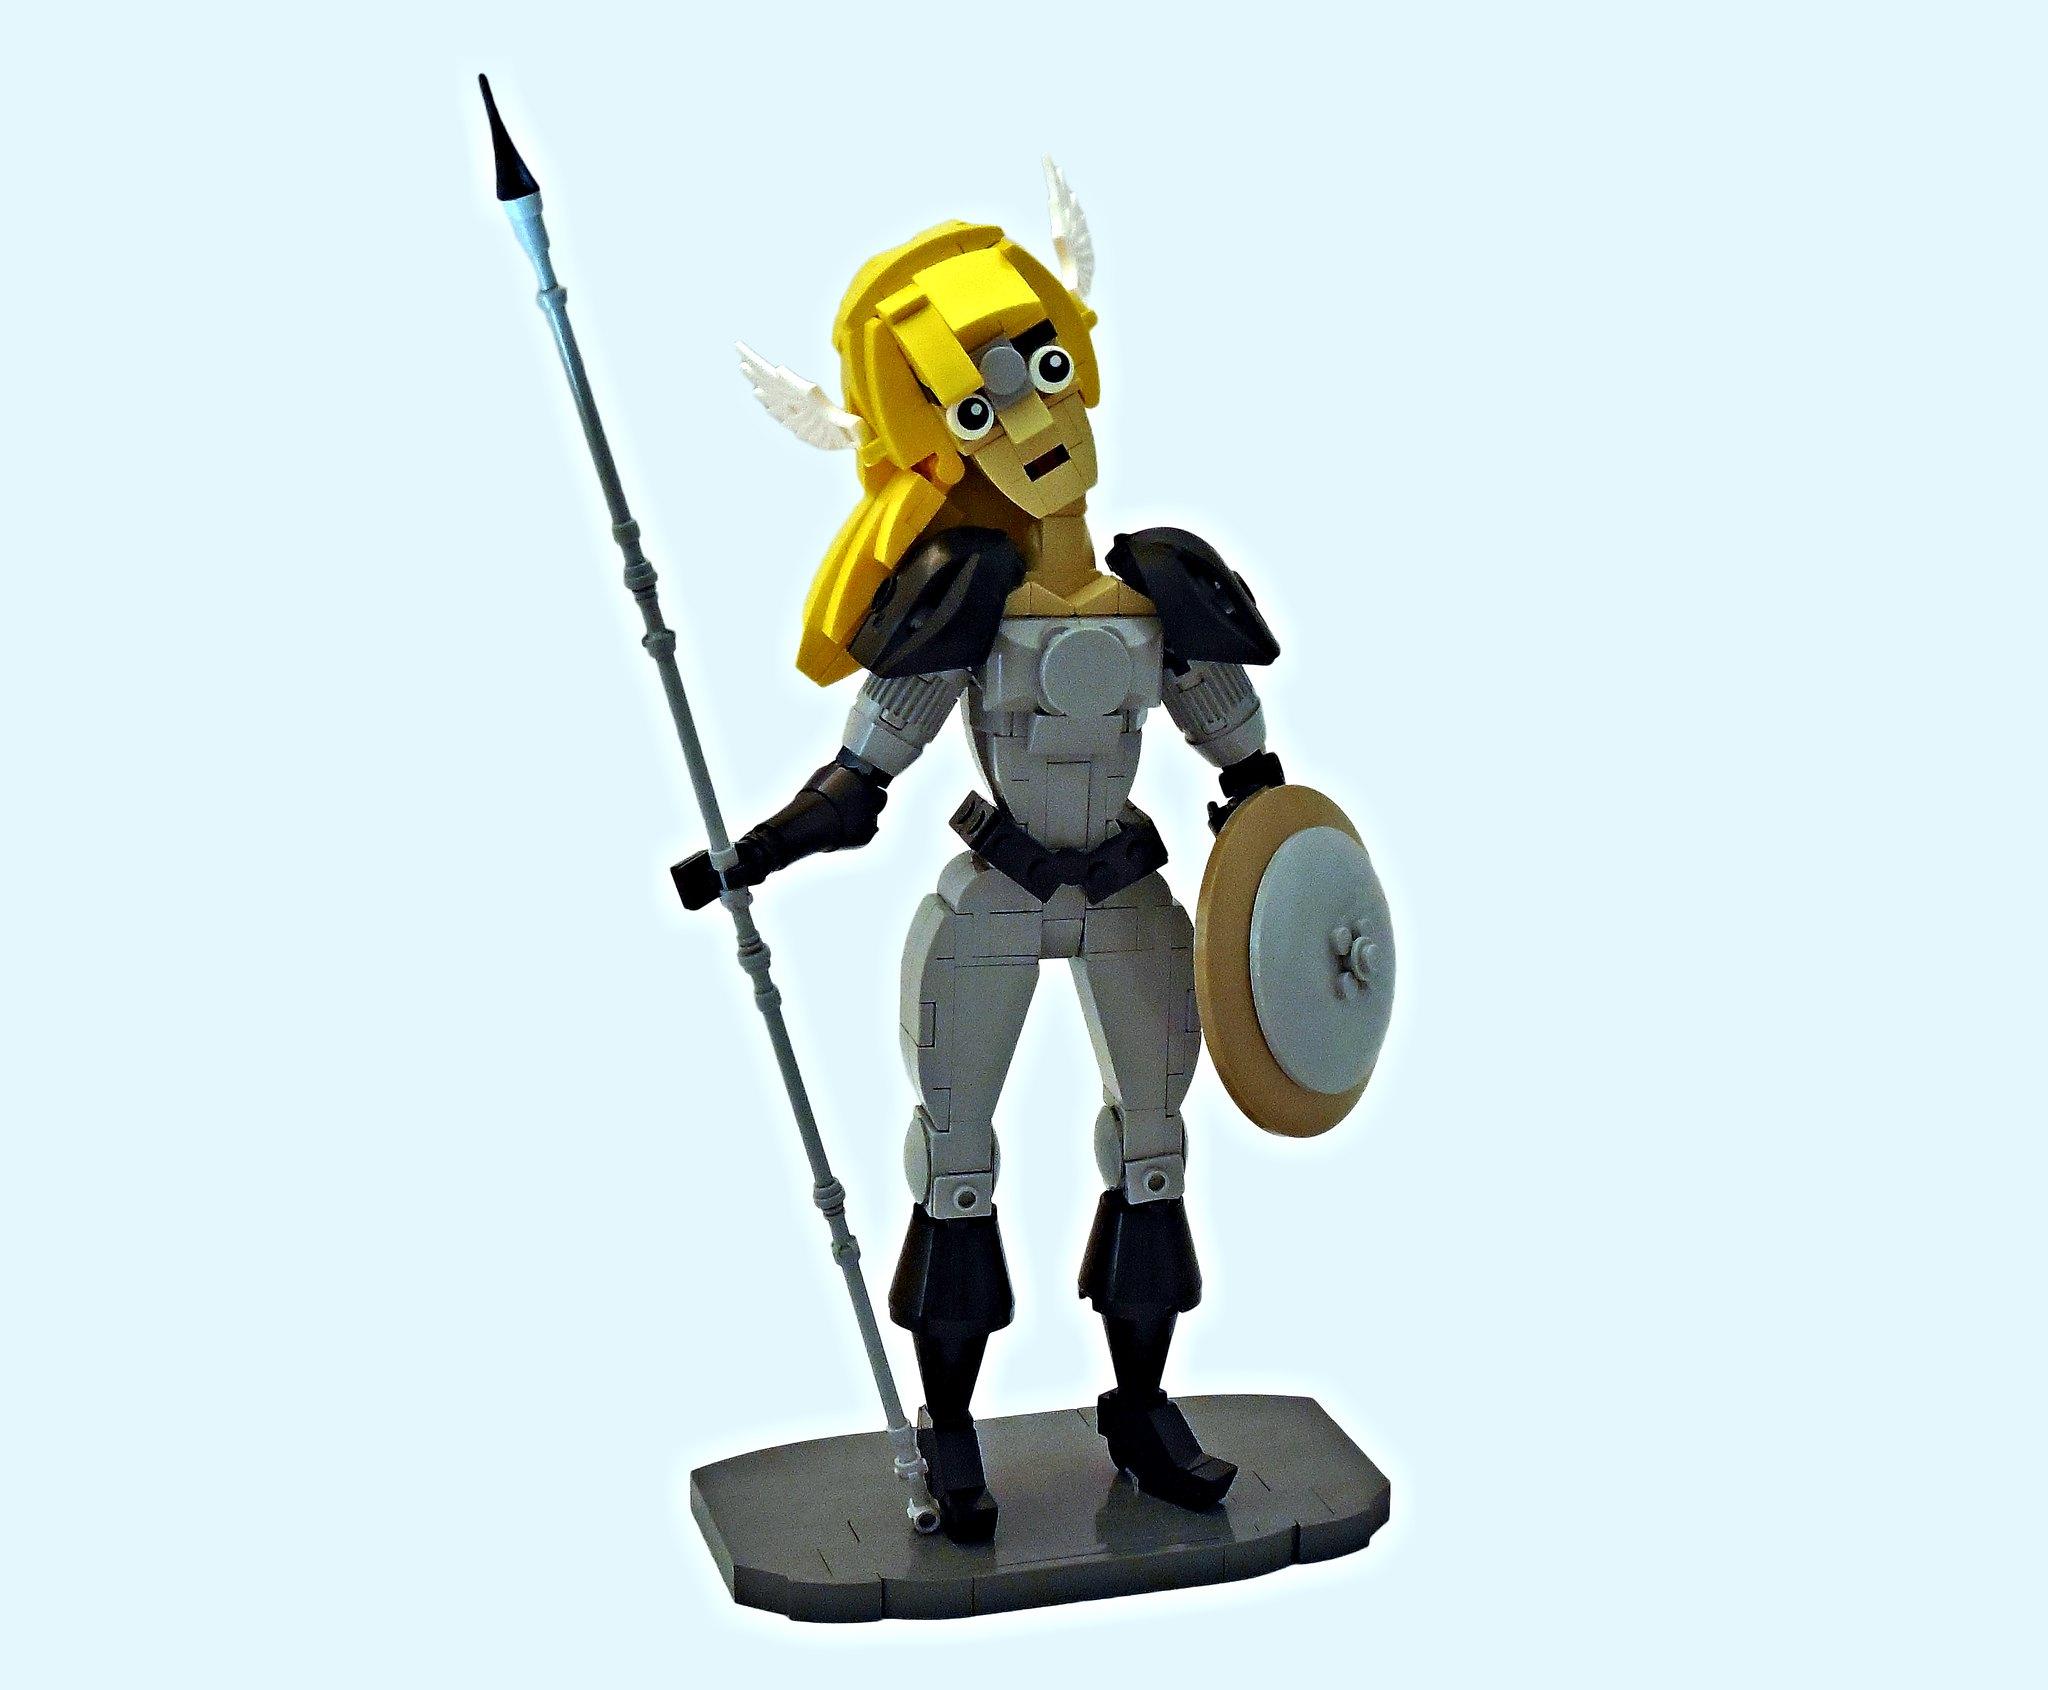 LEGO® MOC by Vitreolum: Brynhildr